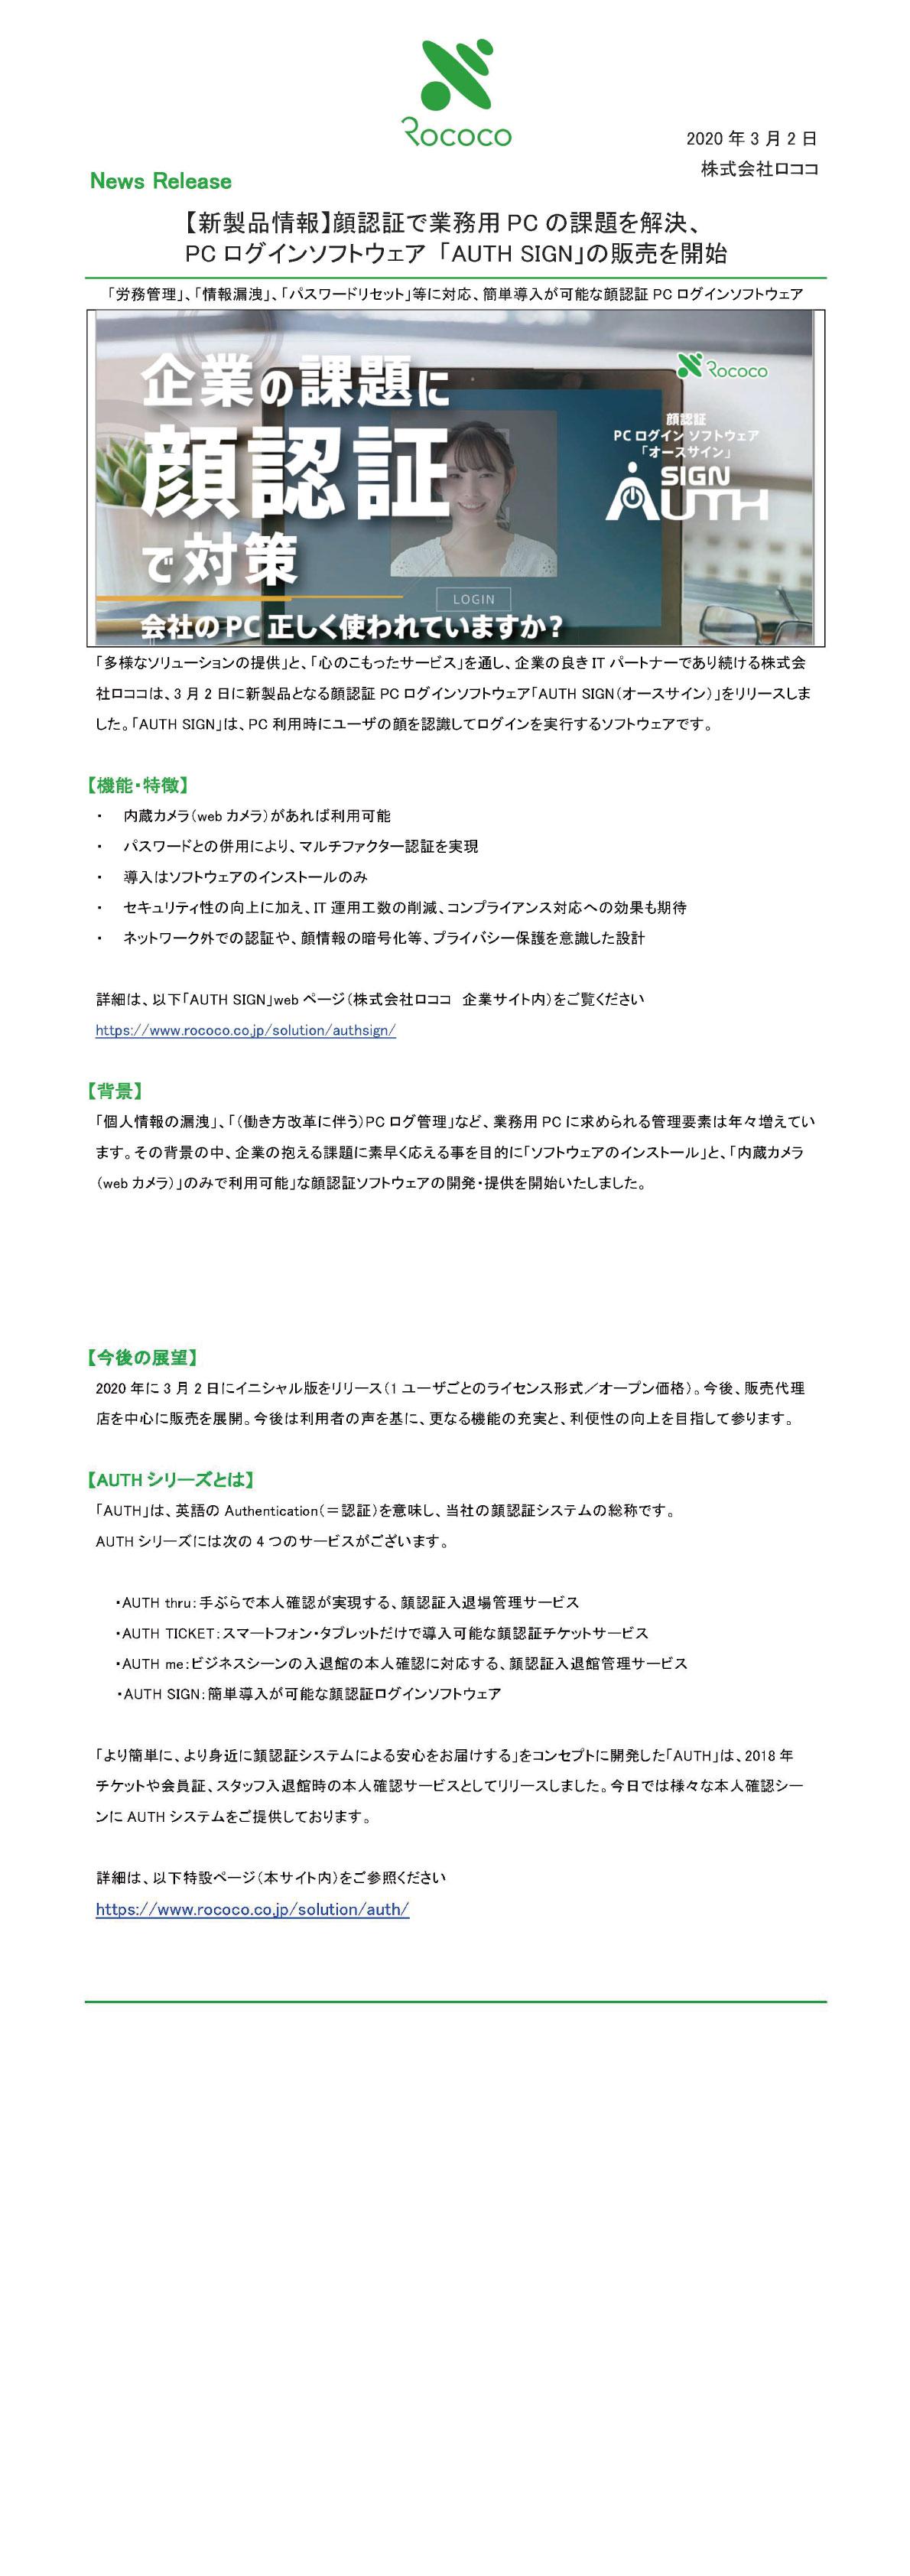 【新製品情報】顔認証で業務用PCの課題を解決。PCログインソフトウェア「AUTH SIGN」の販売を開始